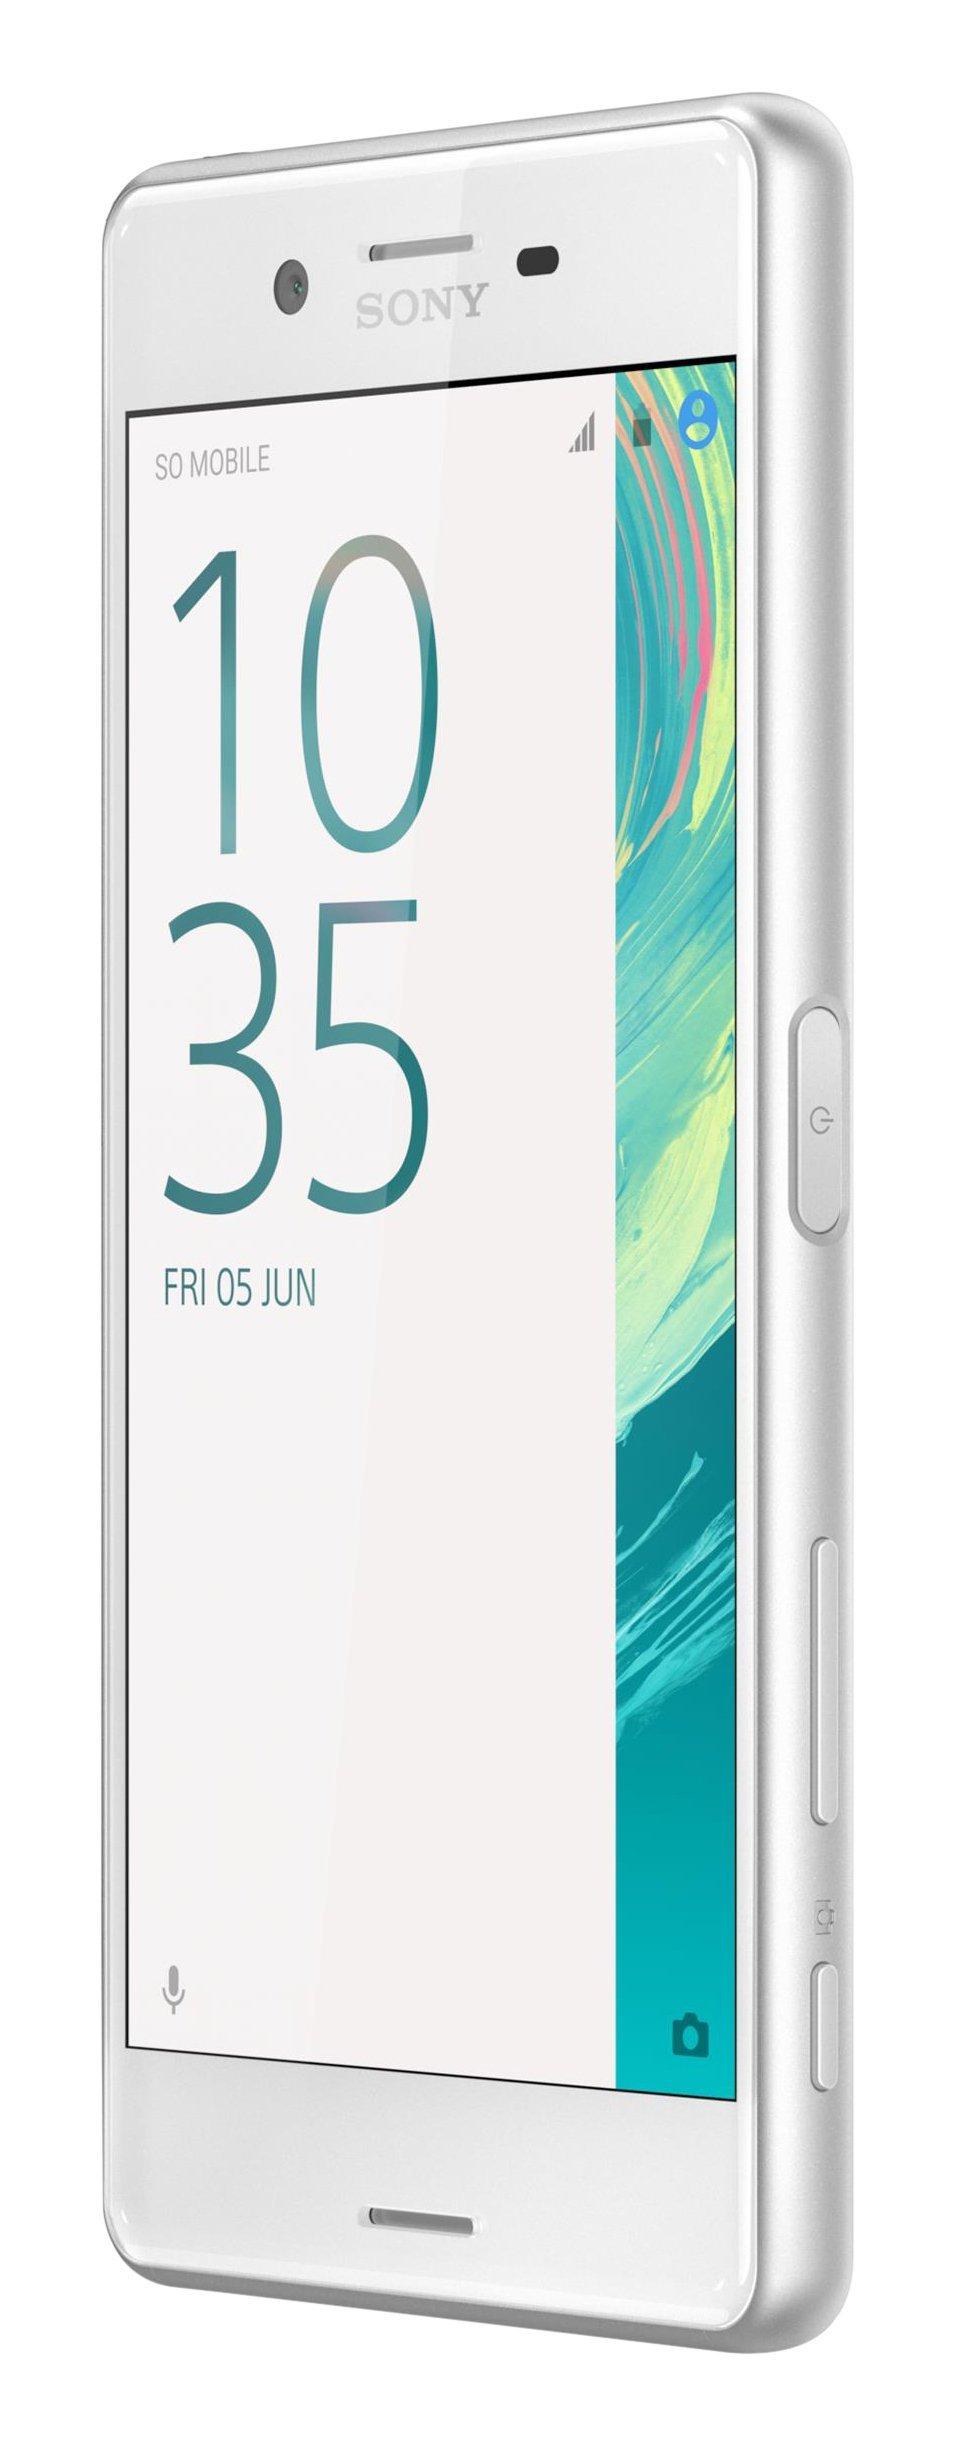 Sony Xperia X Performance unlocked smartphone,32GB White (US Warranty)